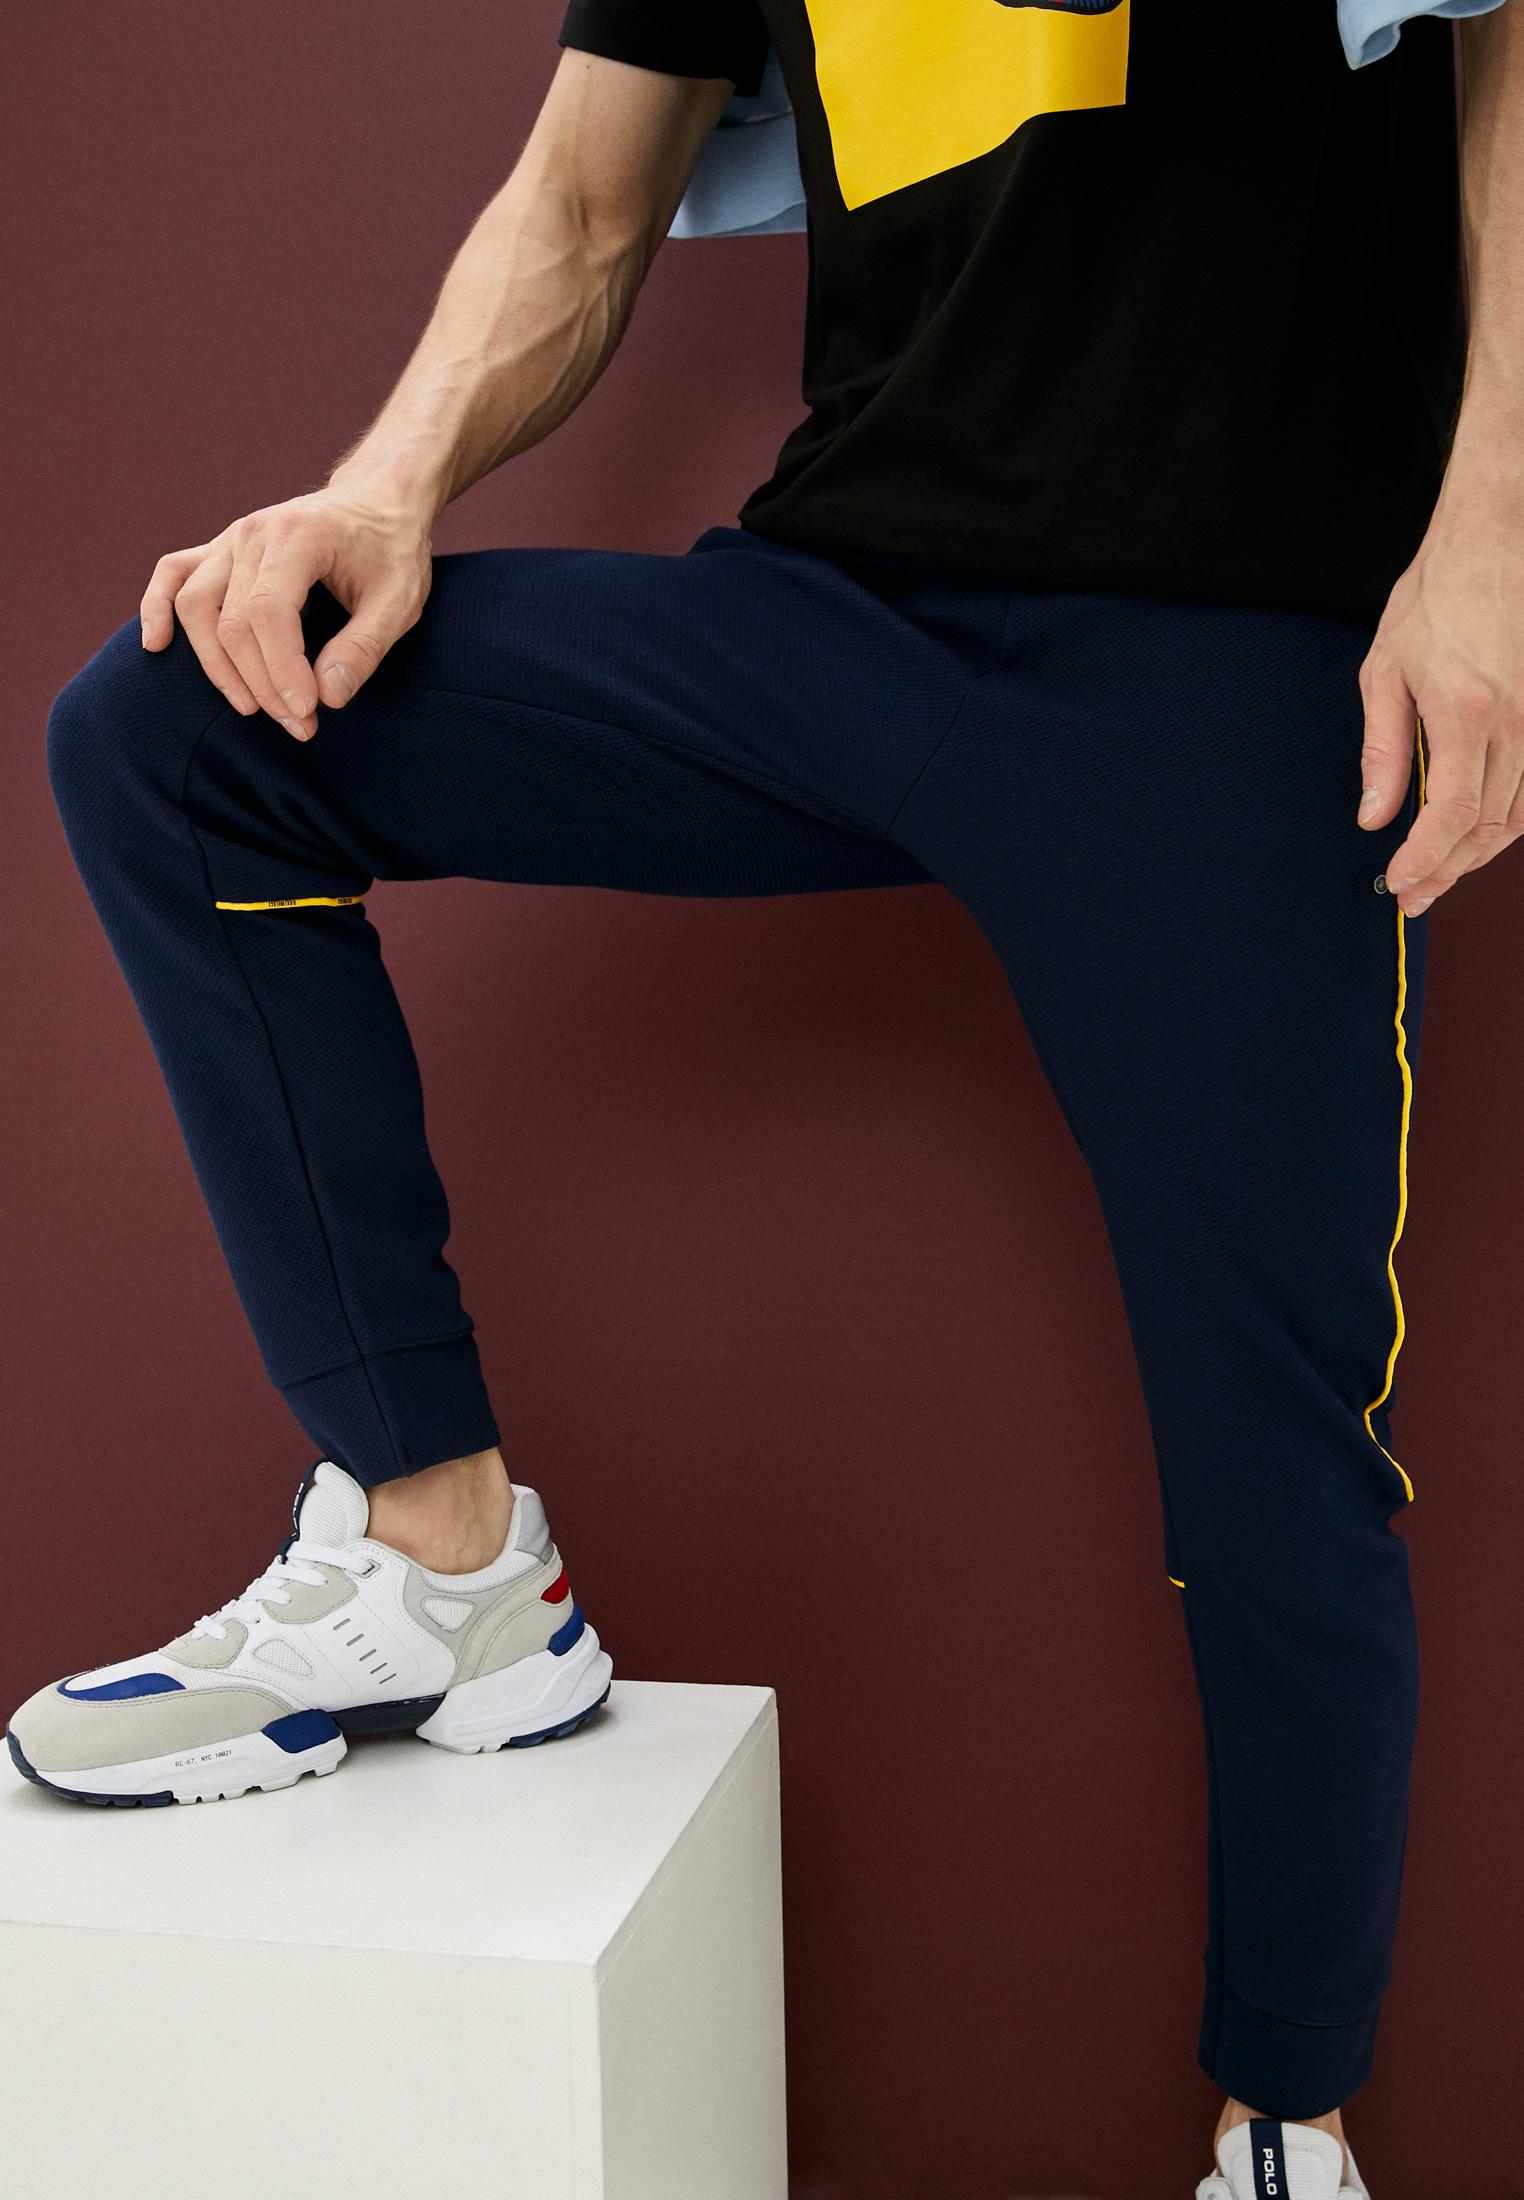 Мужские спортивные брюки Bikkembergs (Биккембергс) C 1 193 80 M 4299: изображение 2